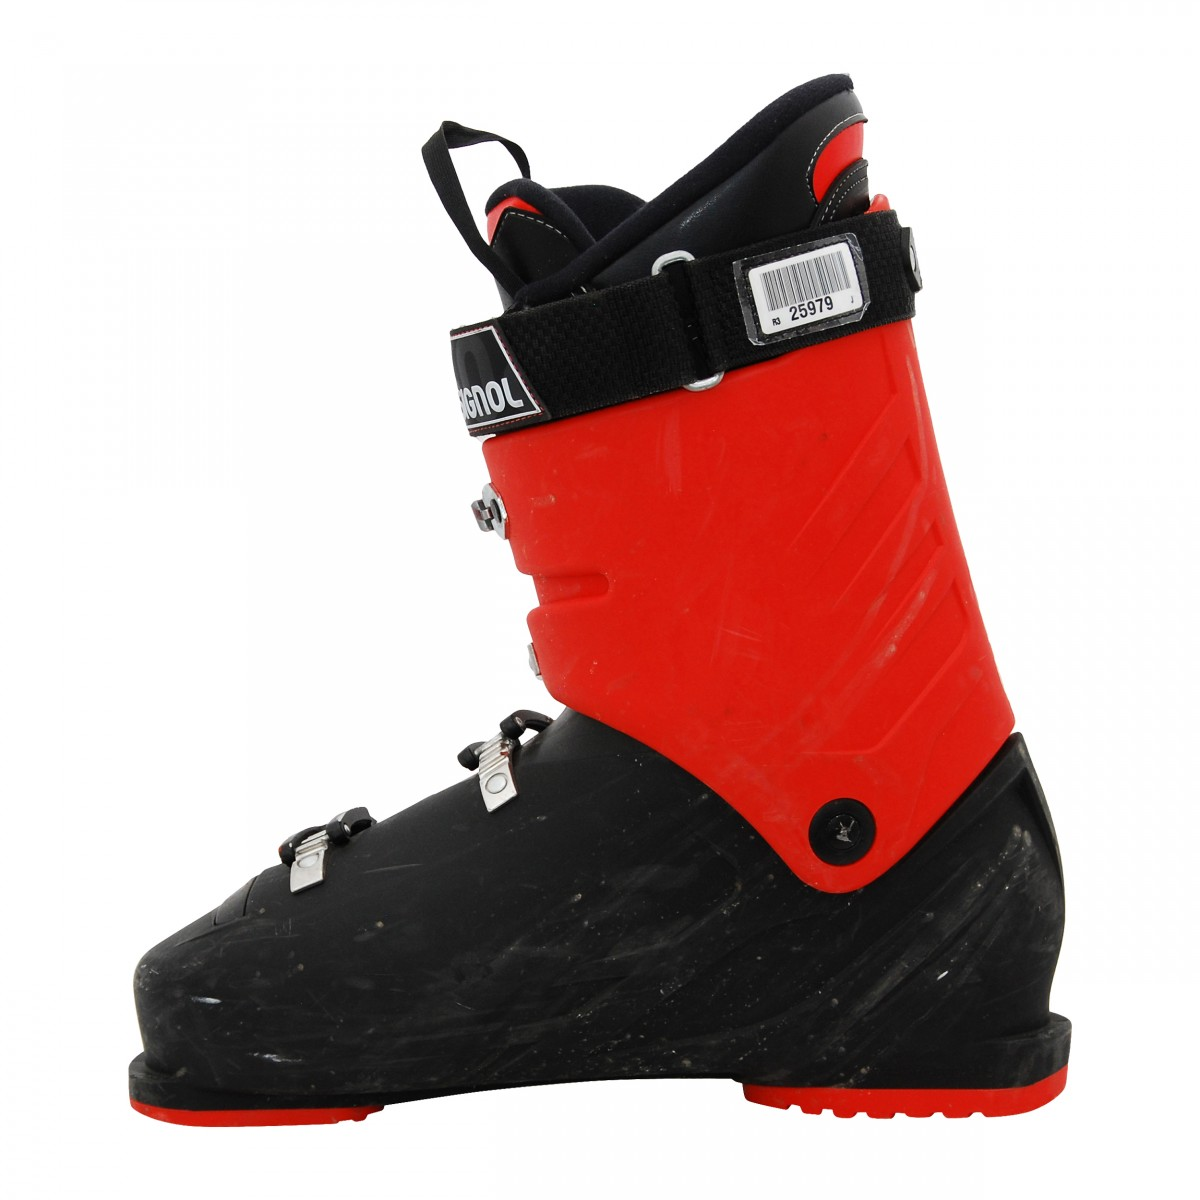 Chaussure-de-ski-Occasion-Rossignol-AllSpeed-R-noir-rouge miniature 4